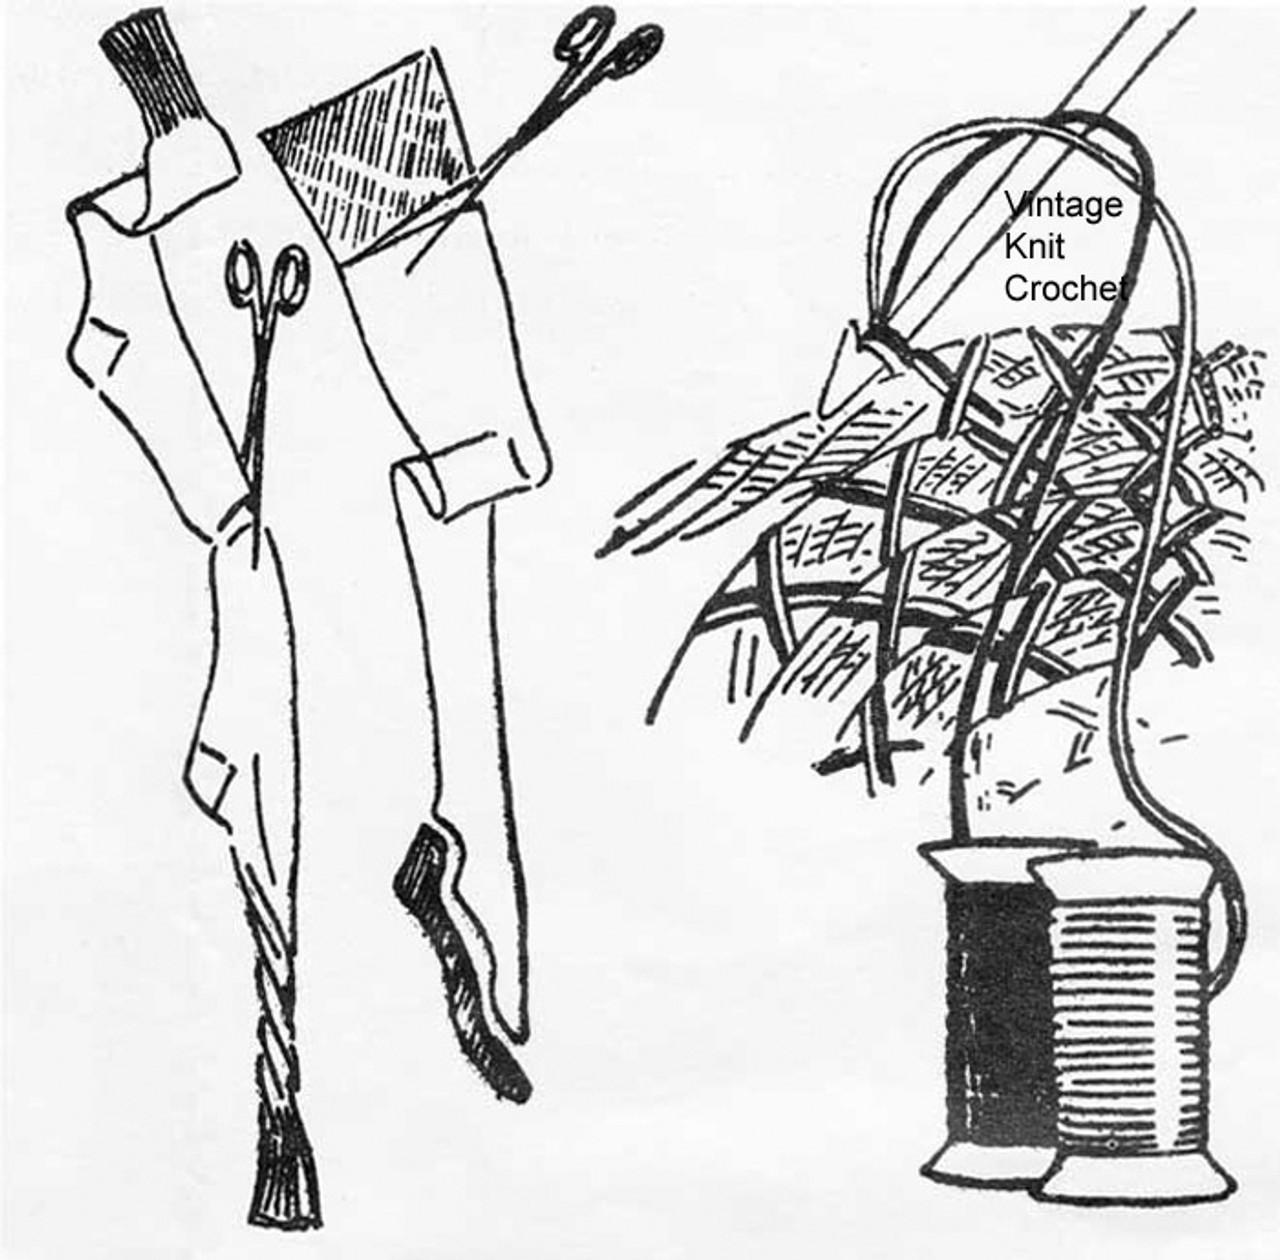 Crochet Materials Illustration for Rag Rug Pattern